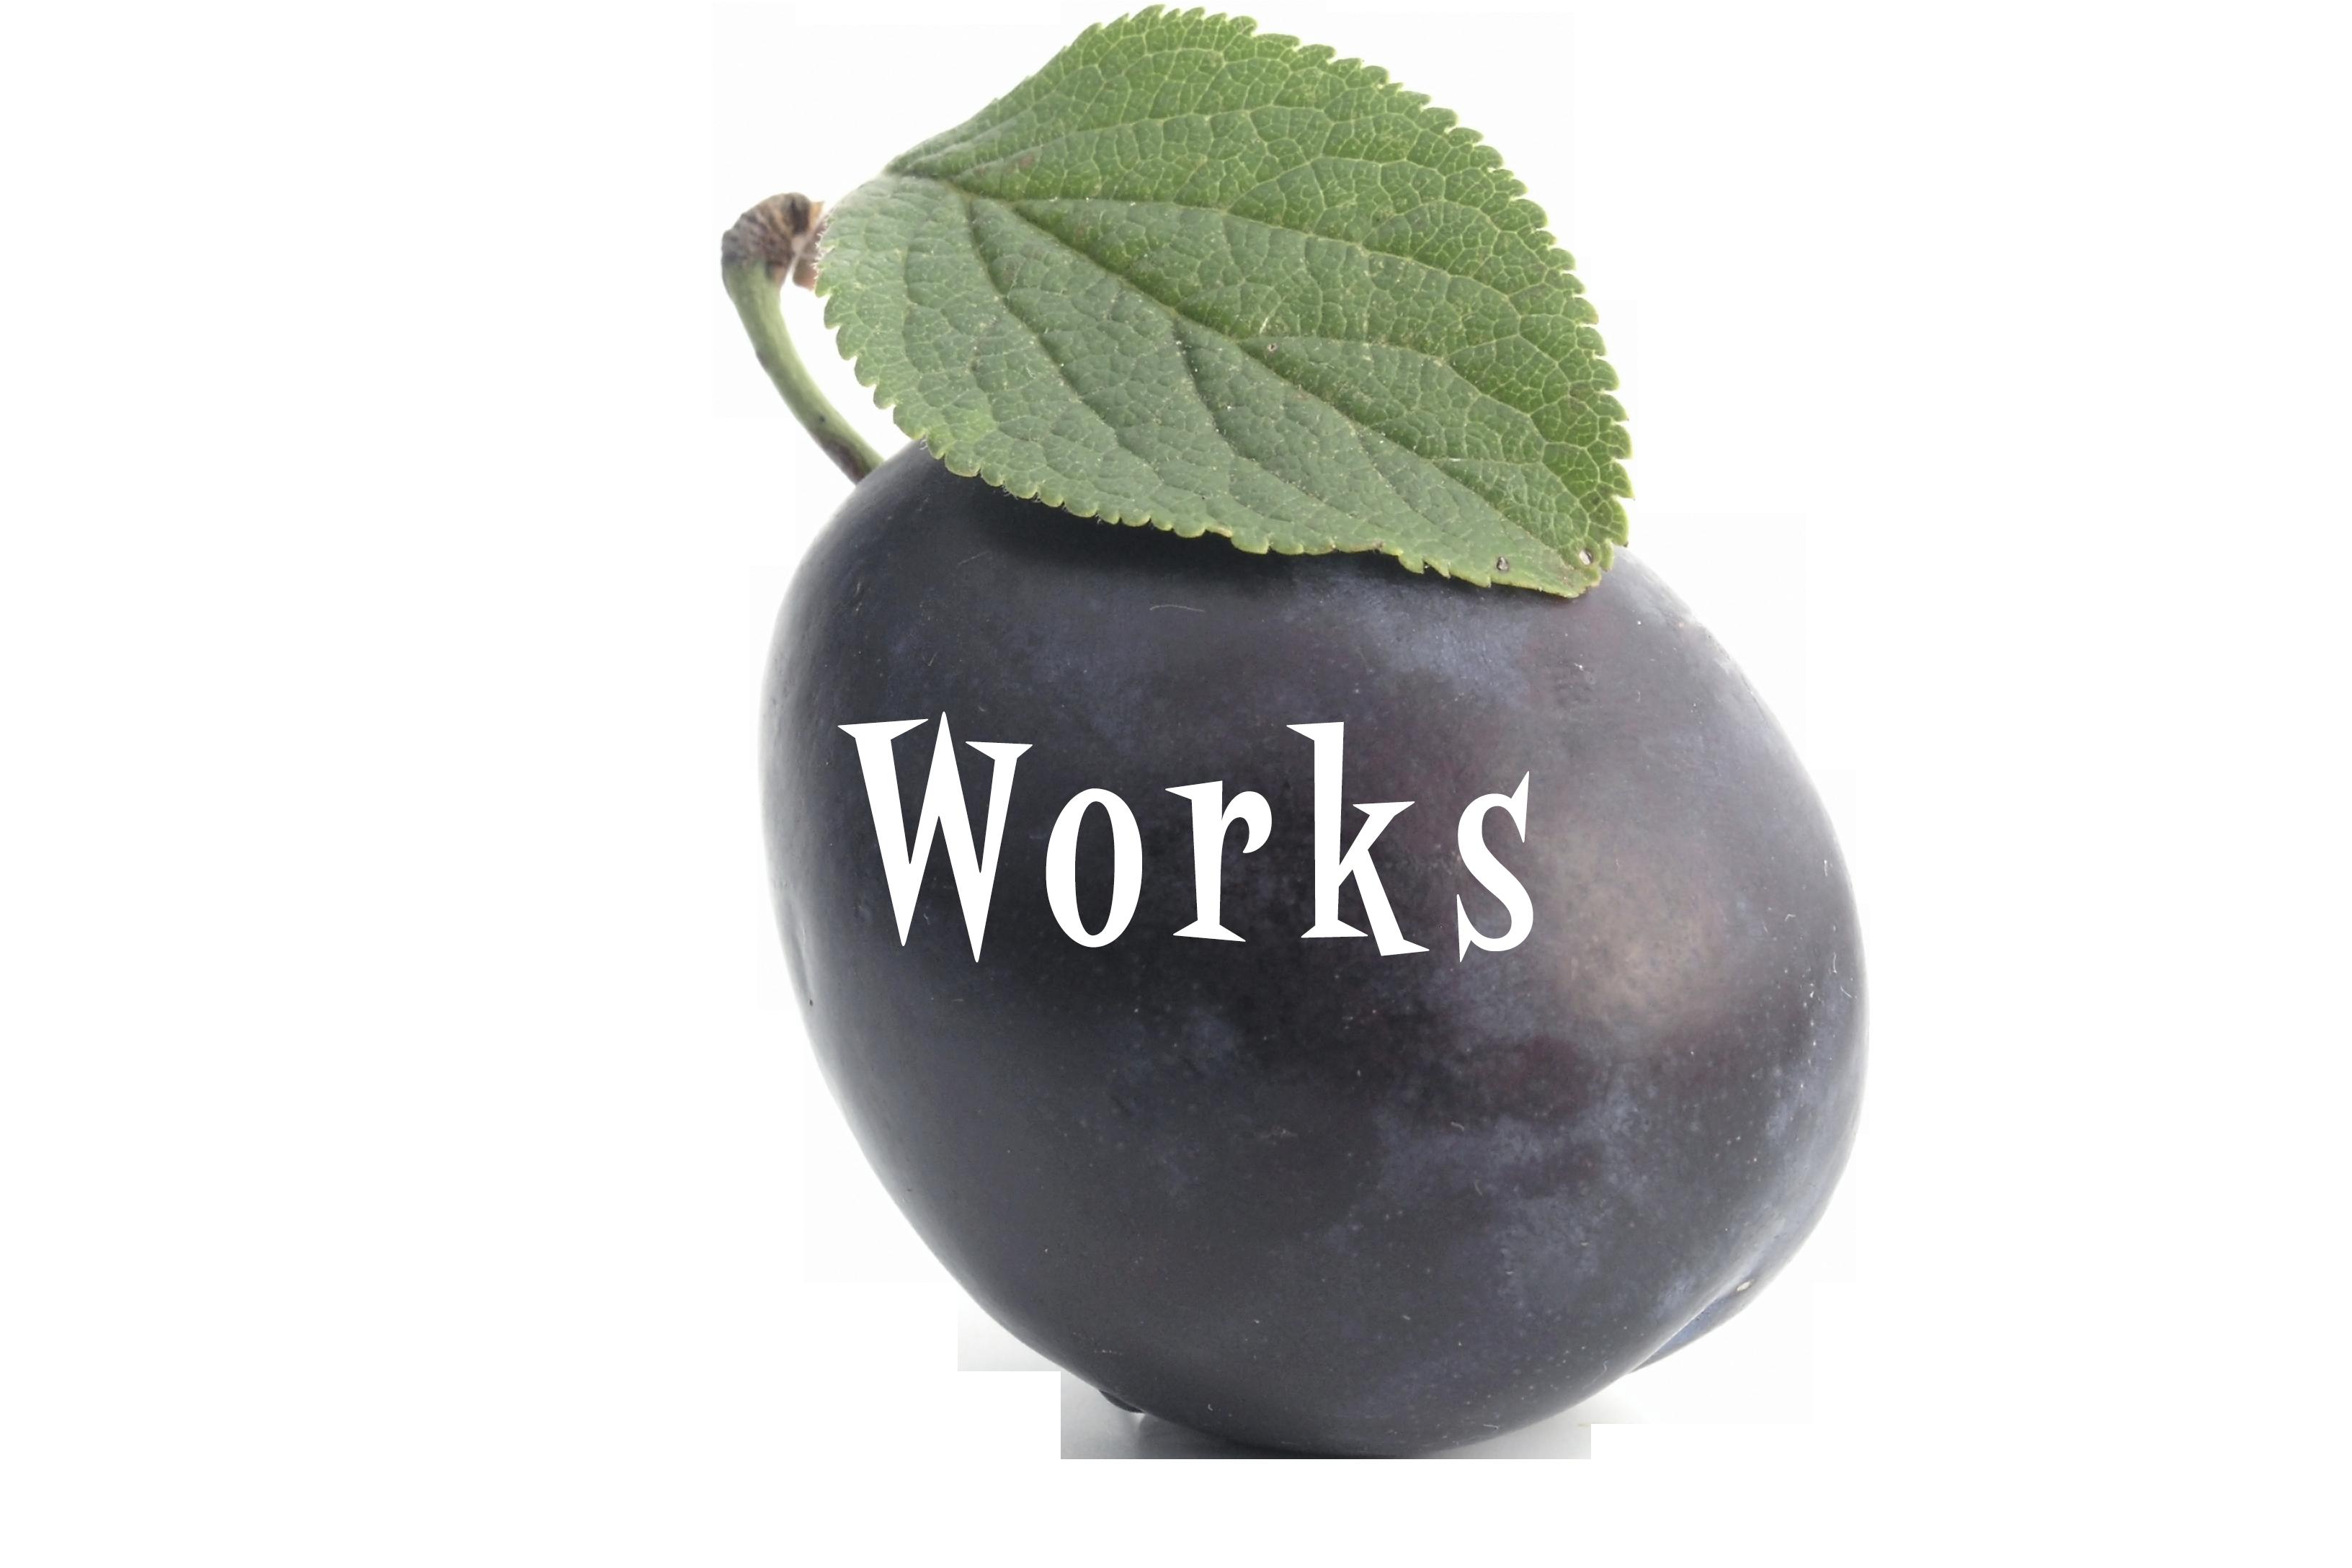 UmeWorks Torrance website designer